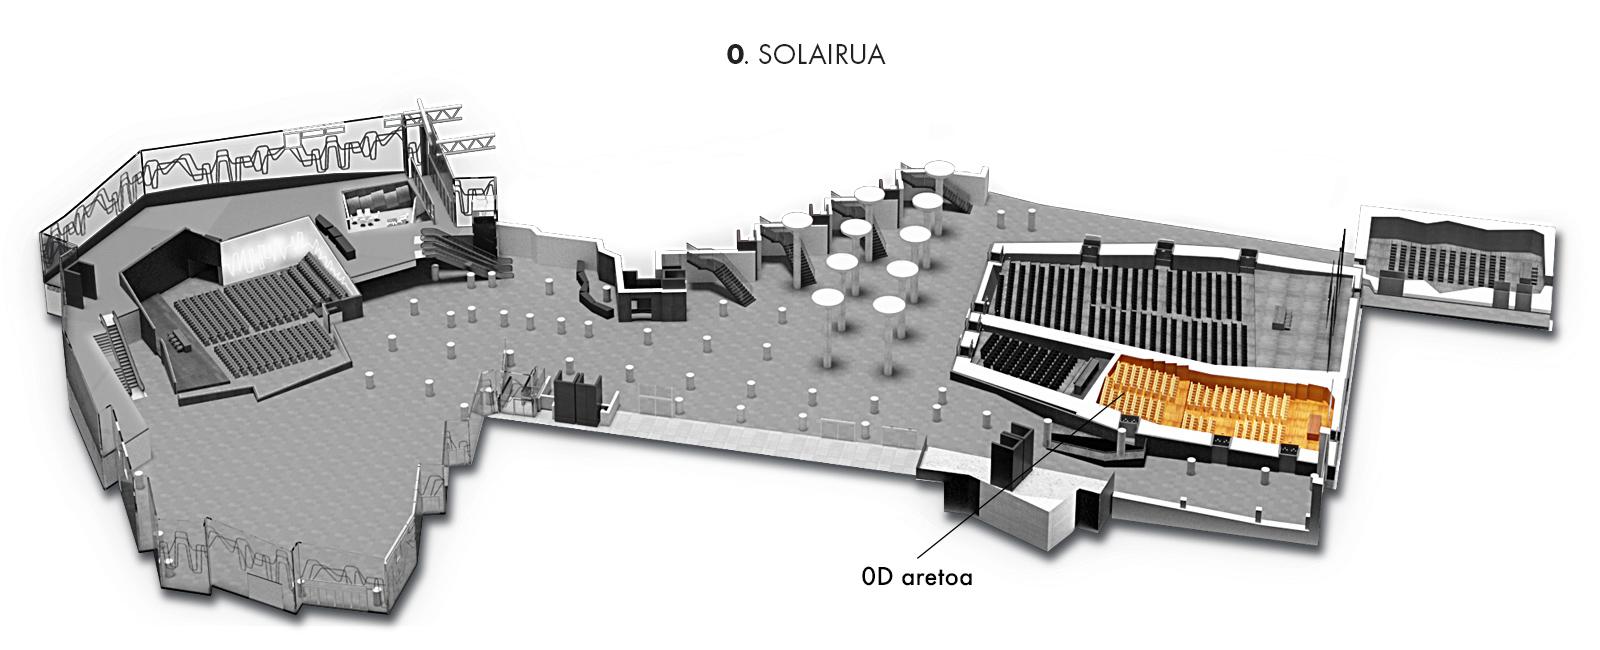 0D aretoa, 0. solairua | Palacio Euskalduna Jauregia